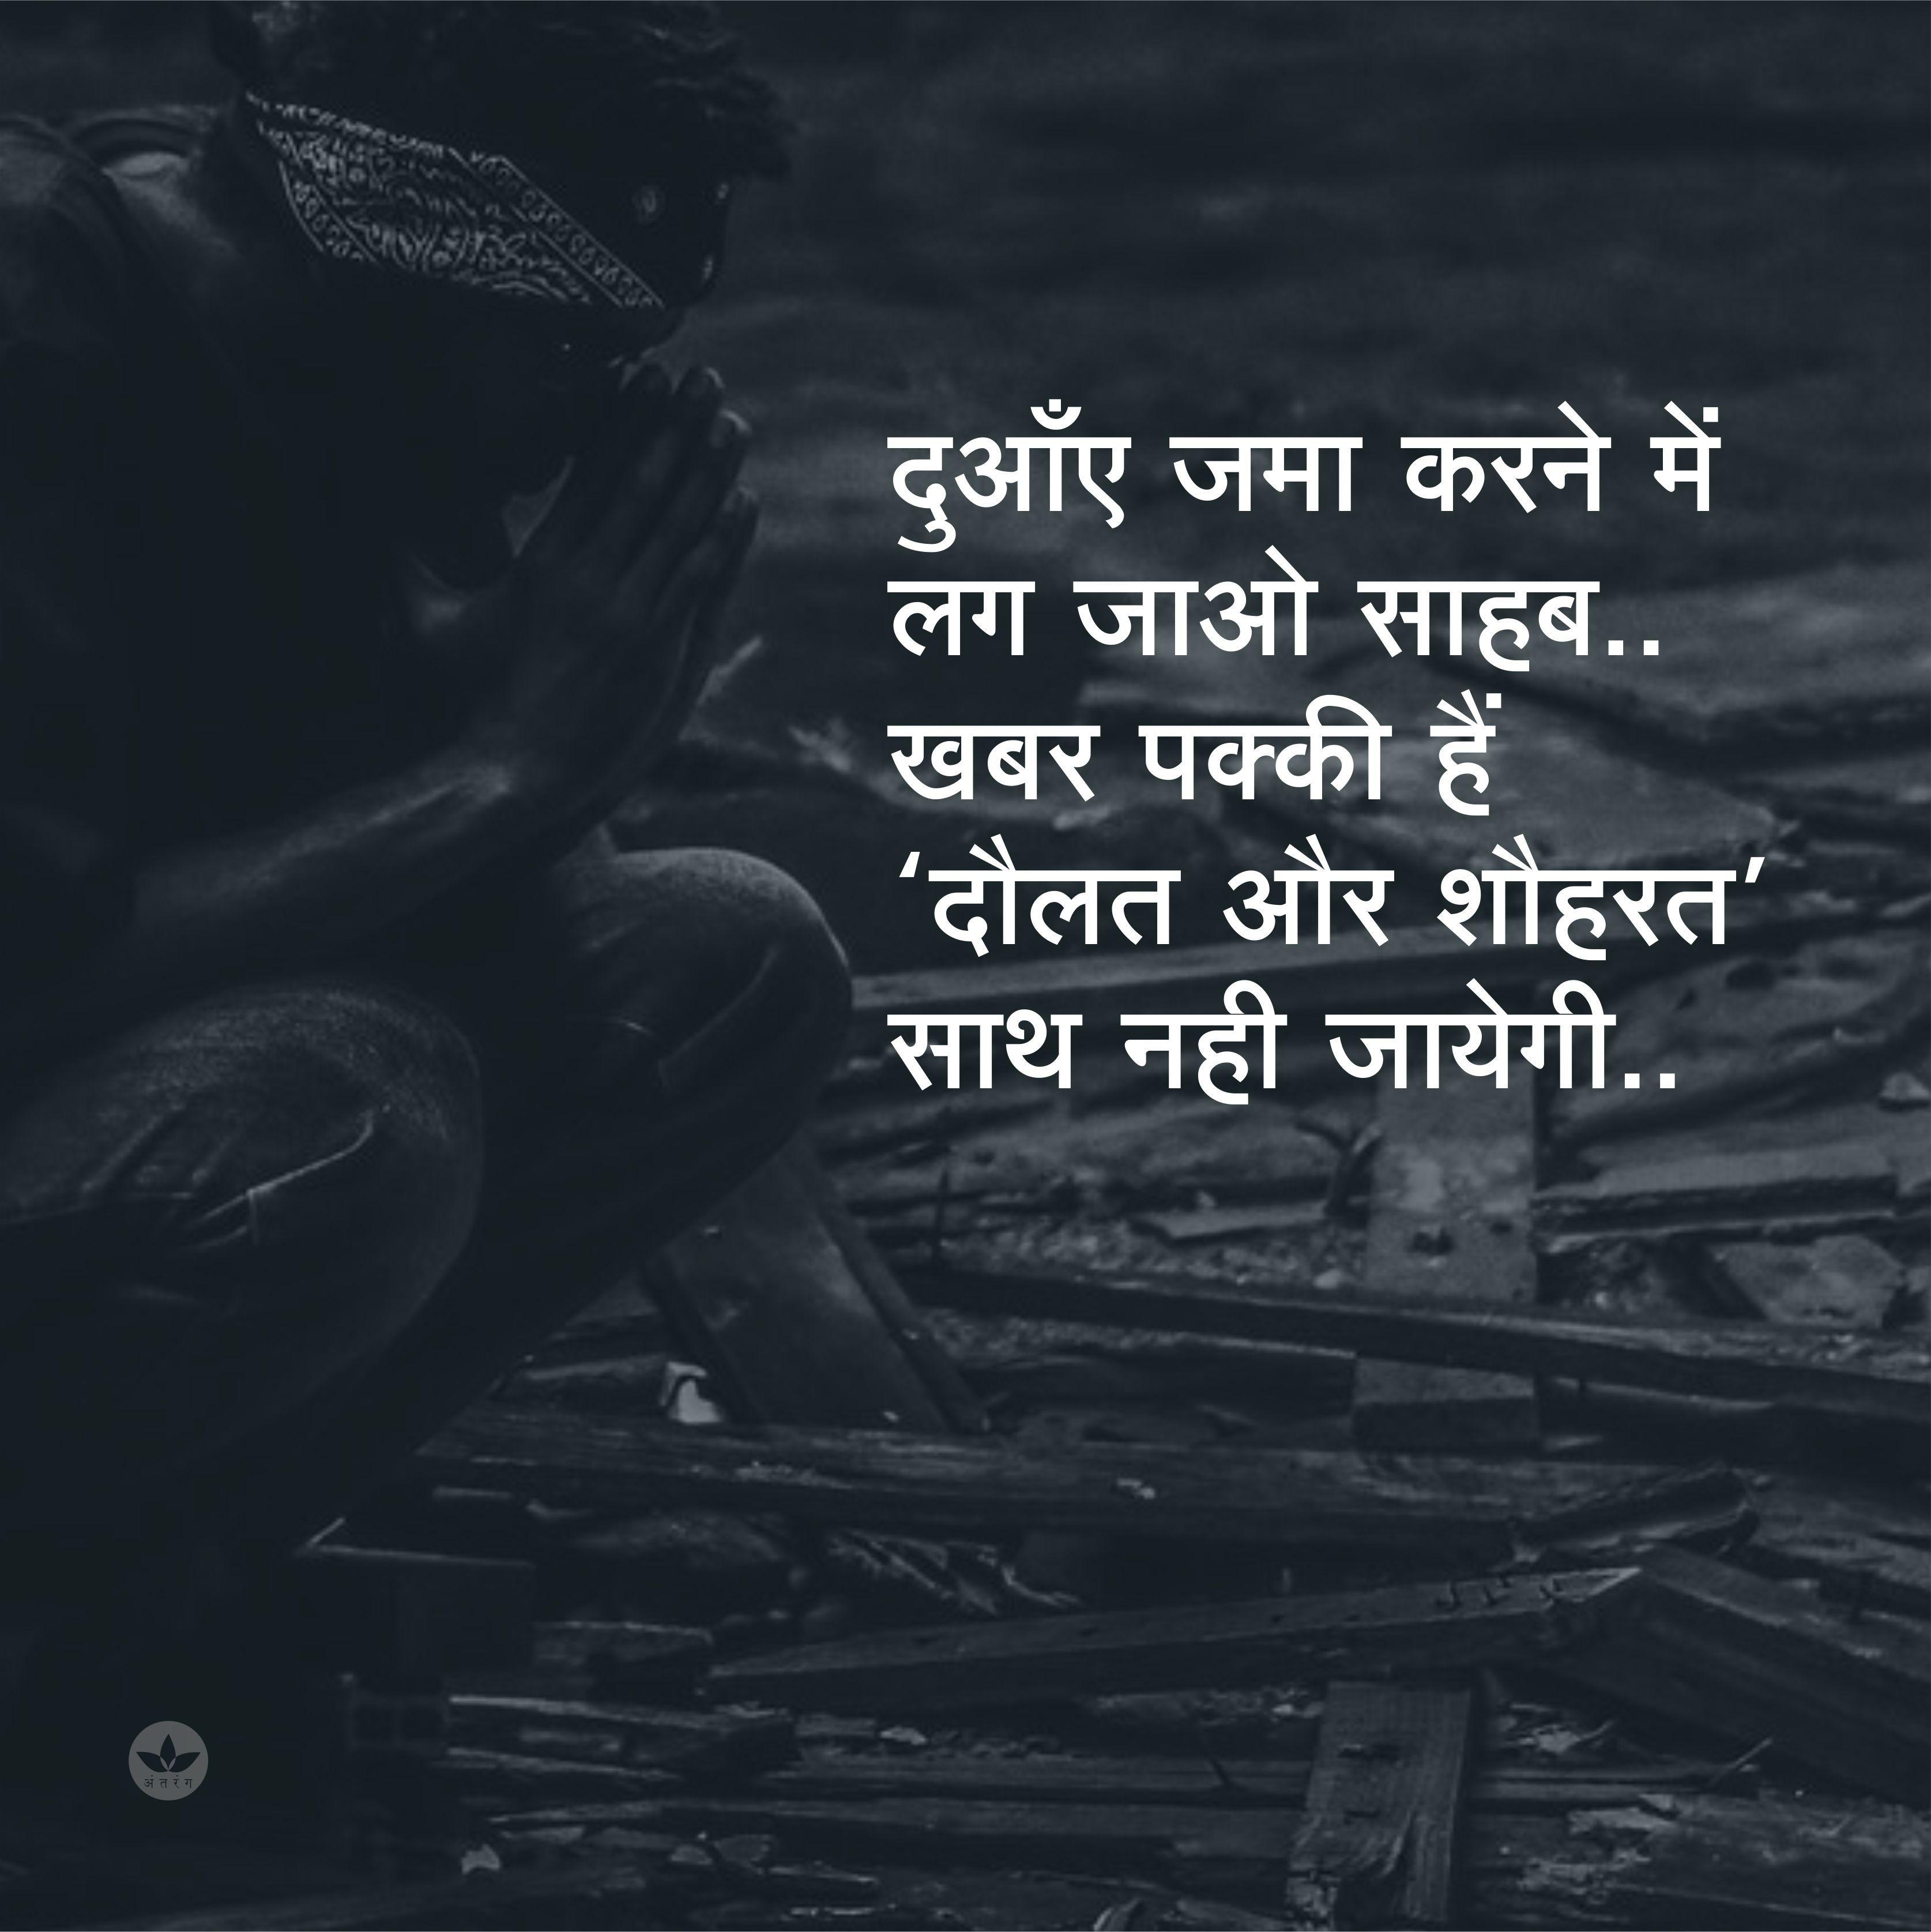 Pin By Arzoo Jamwal On Thoughts Karma Quotes Hindi Quotes Life